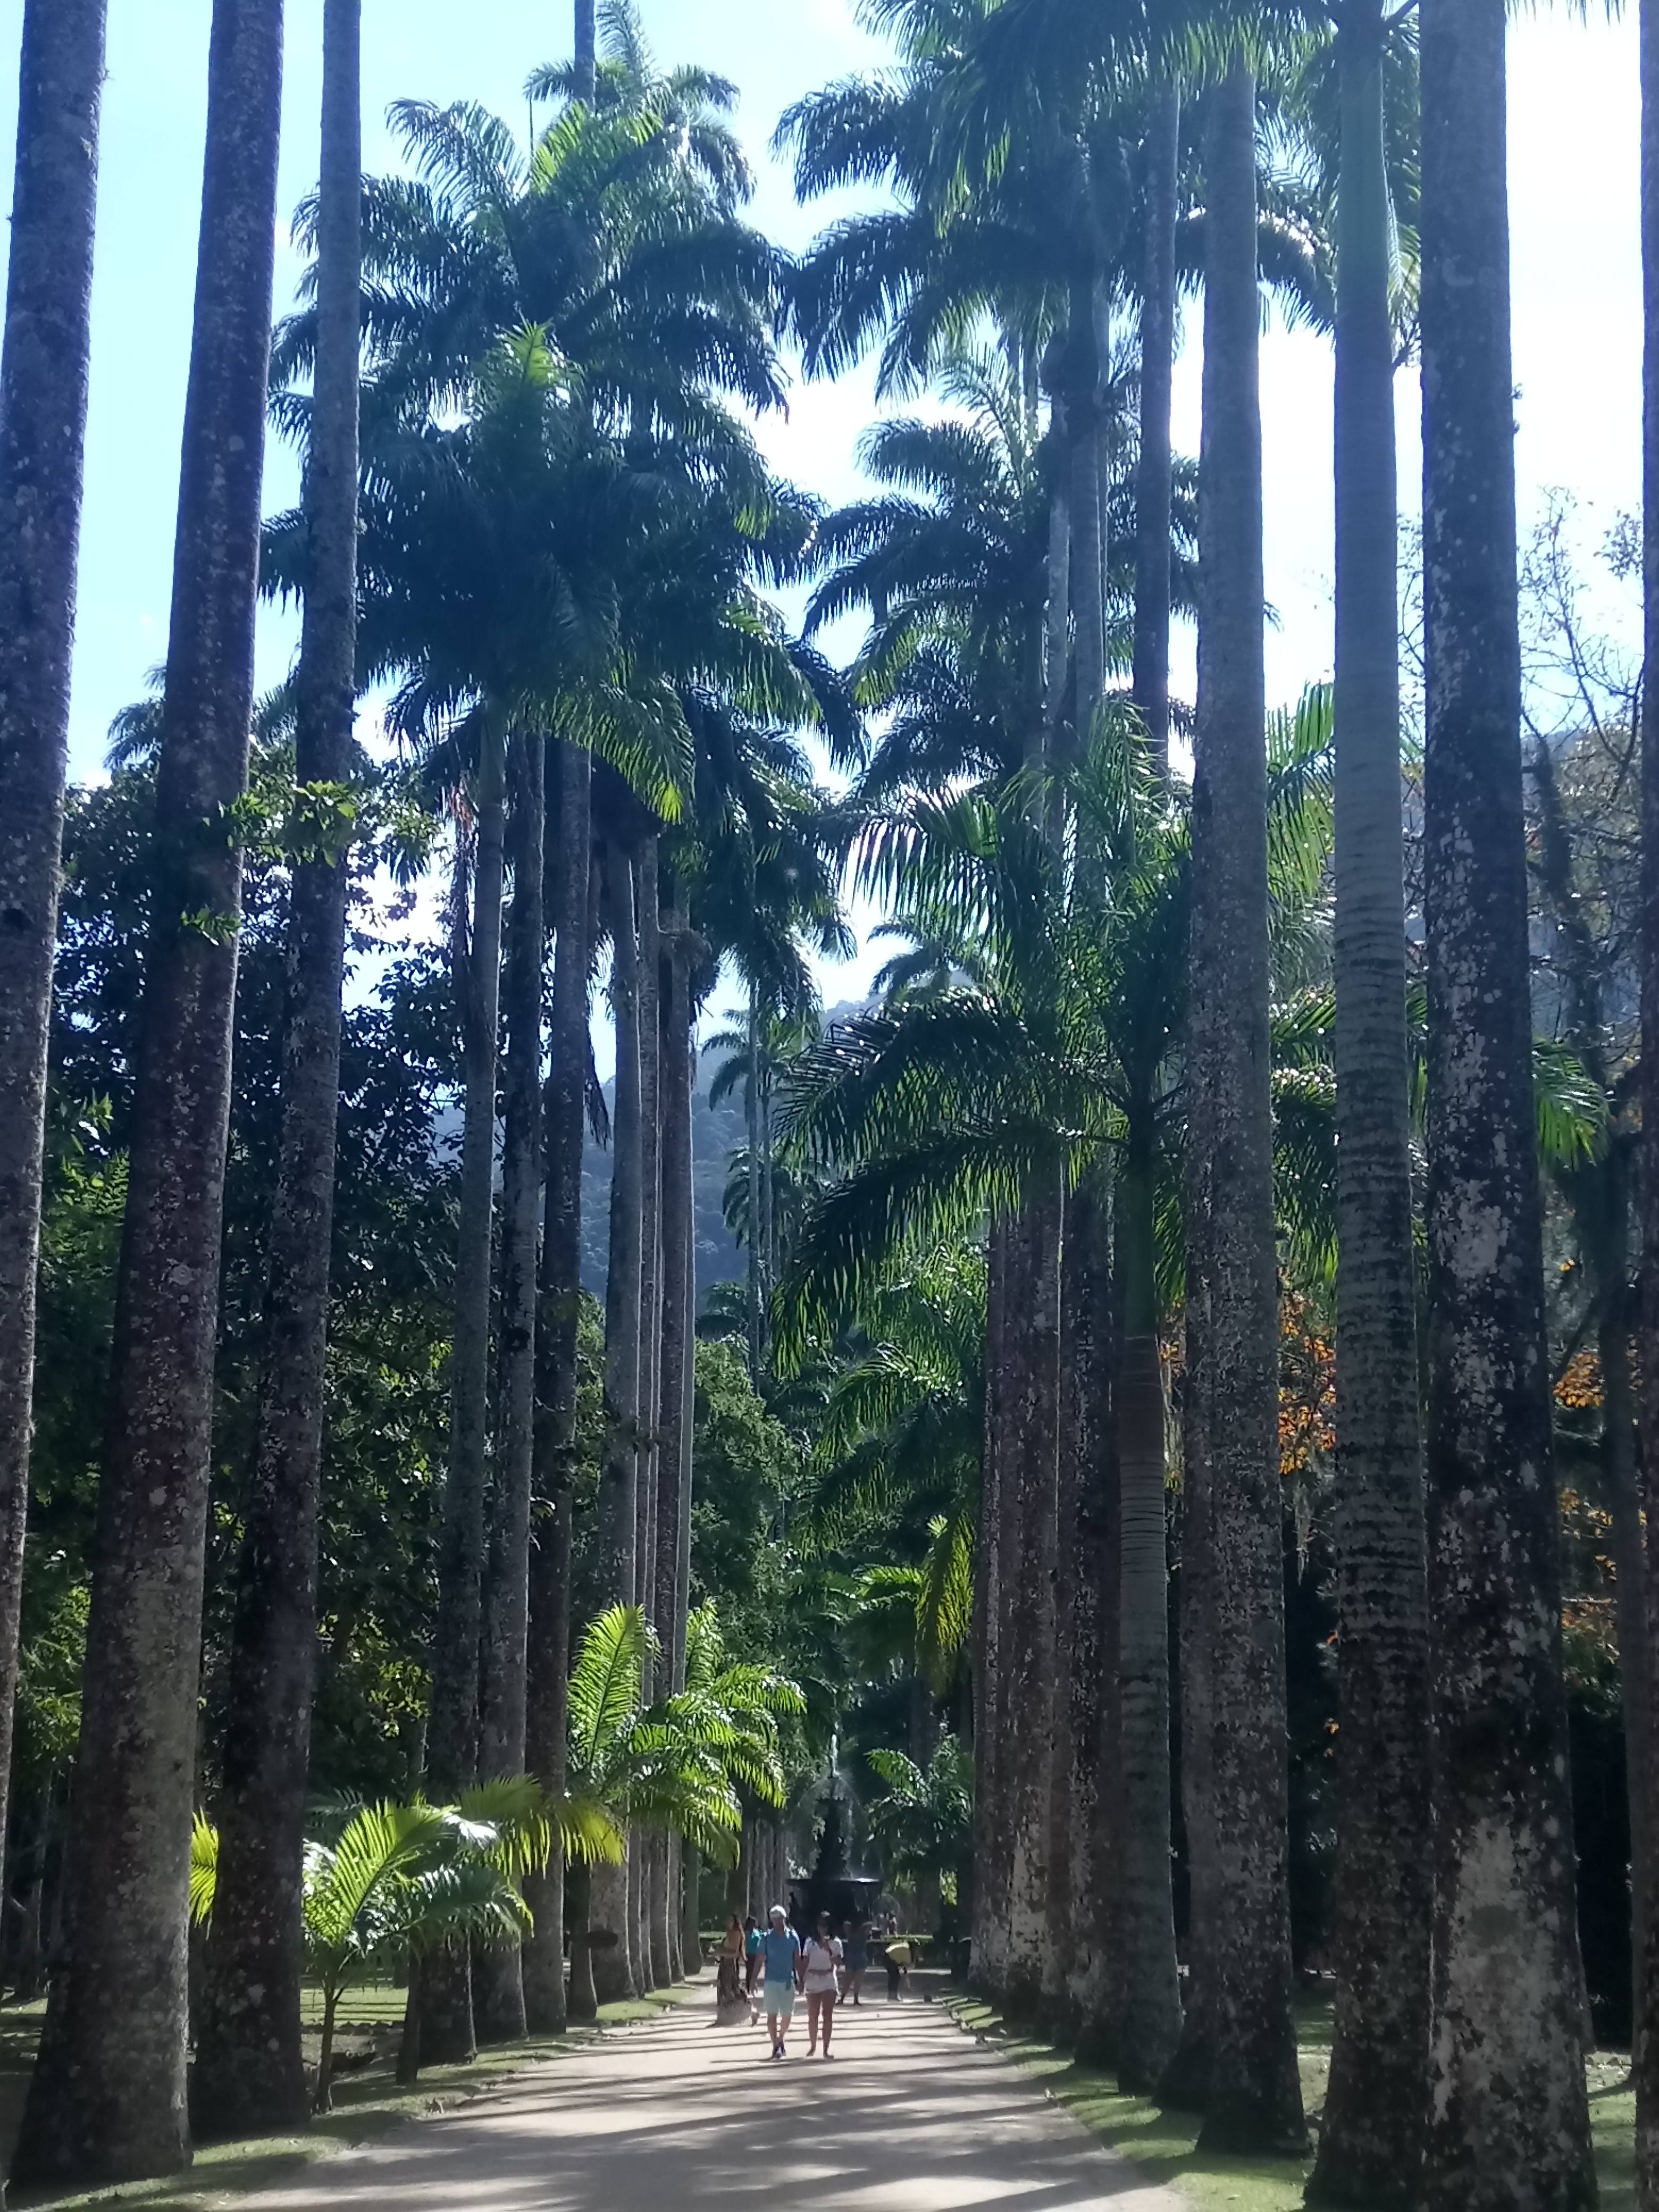 Photo 2: La jungle de Rio